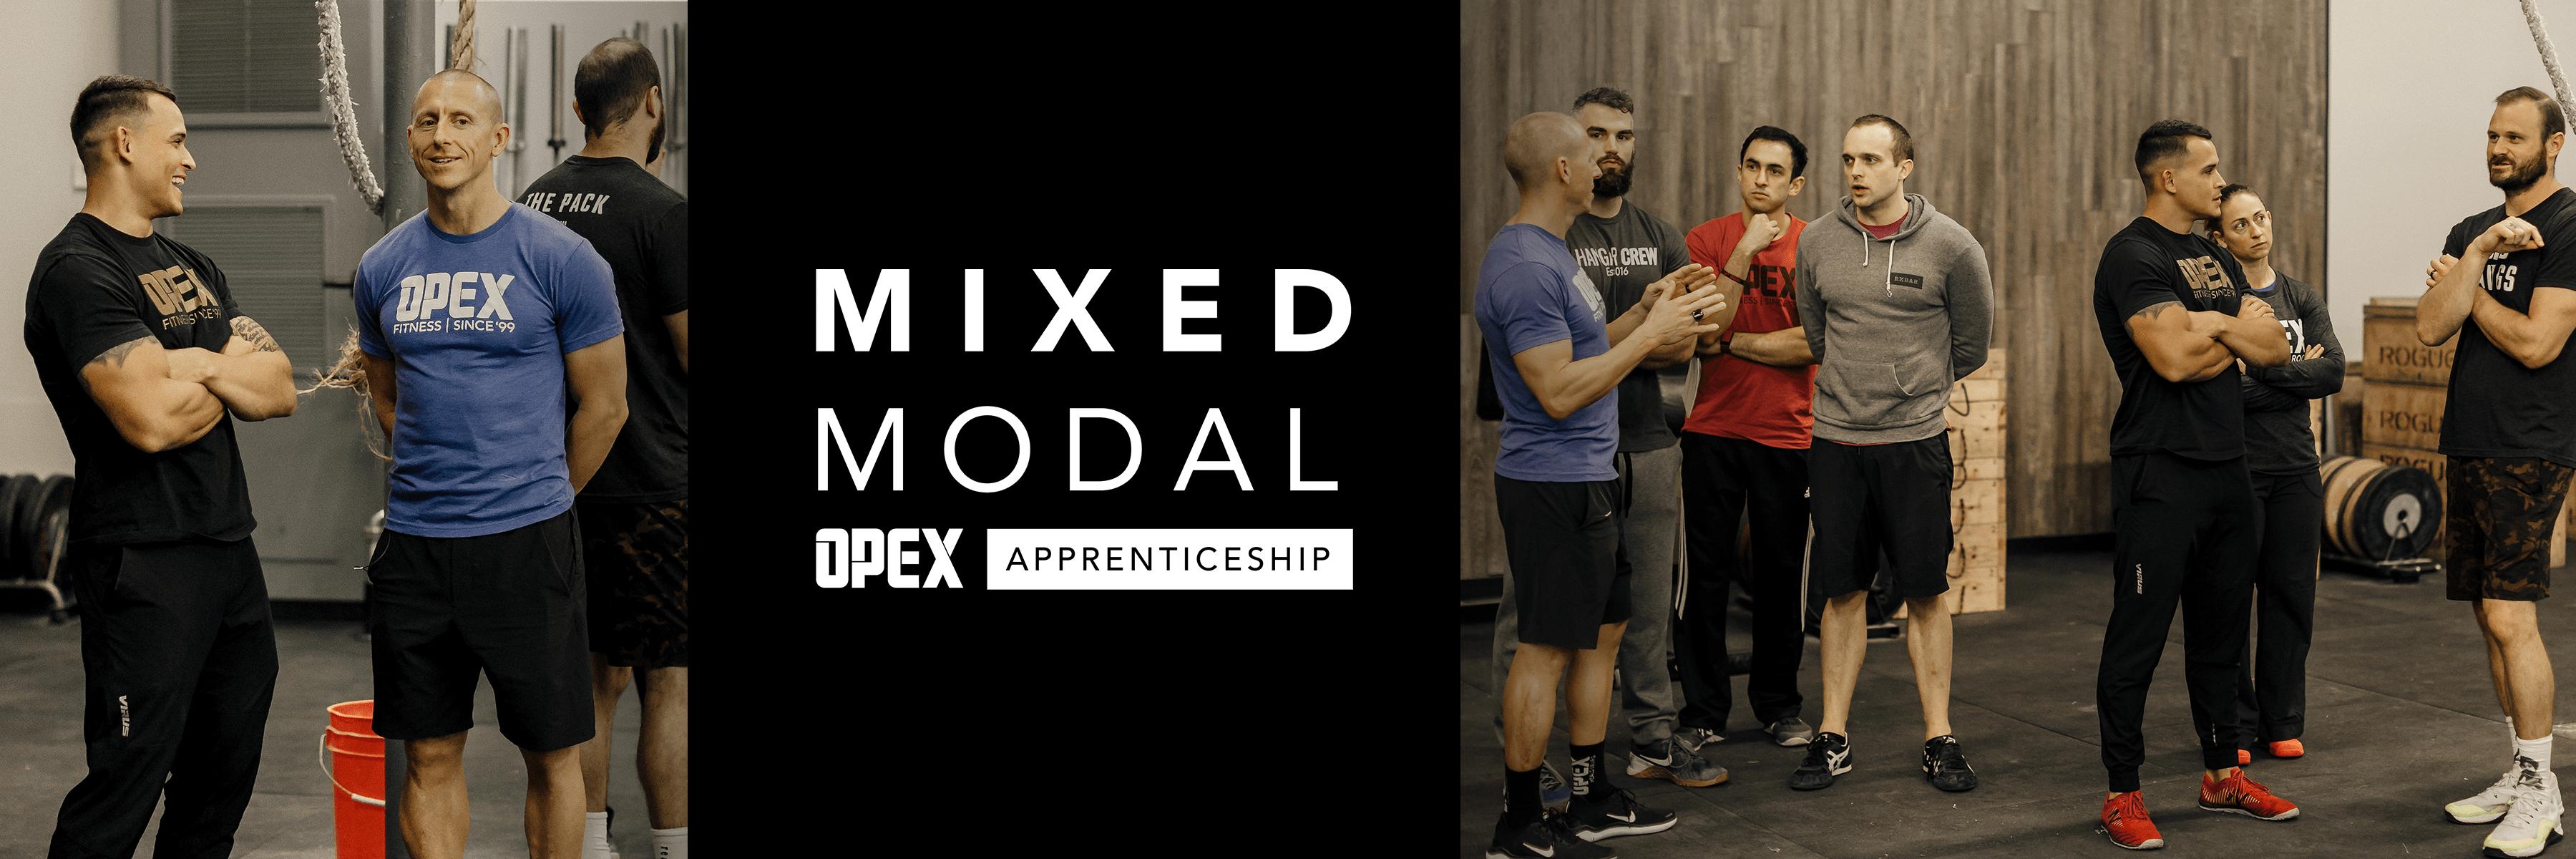 Mixed Modal Apprenticeship